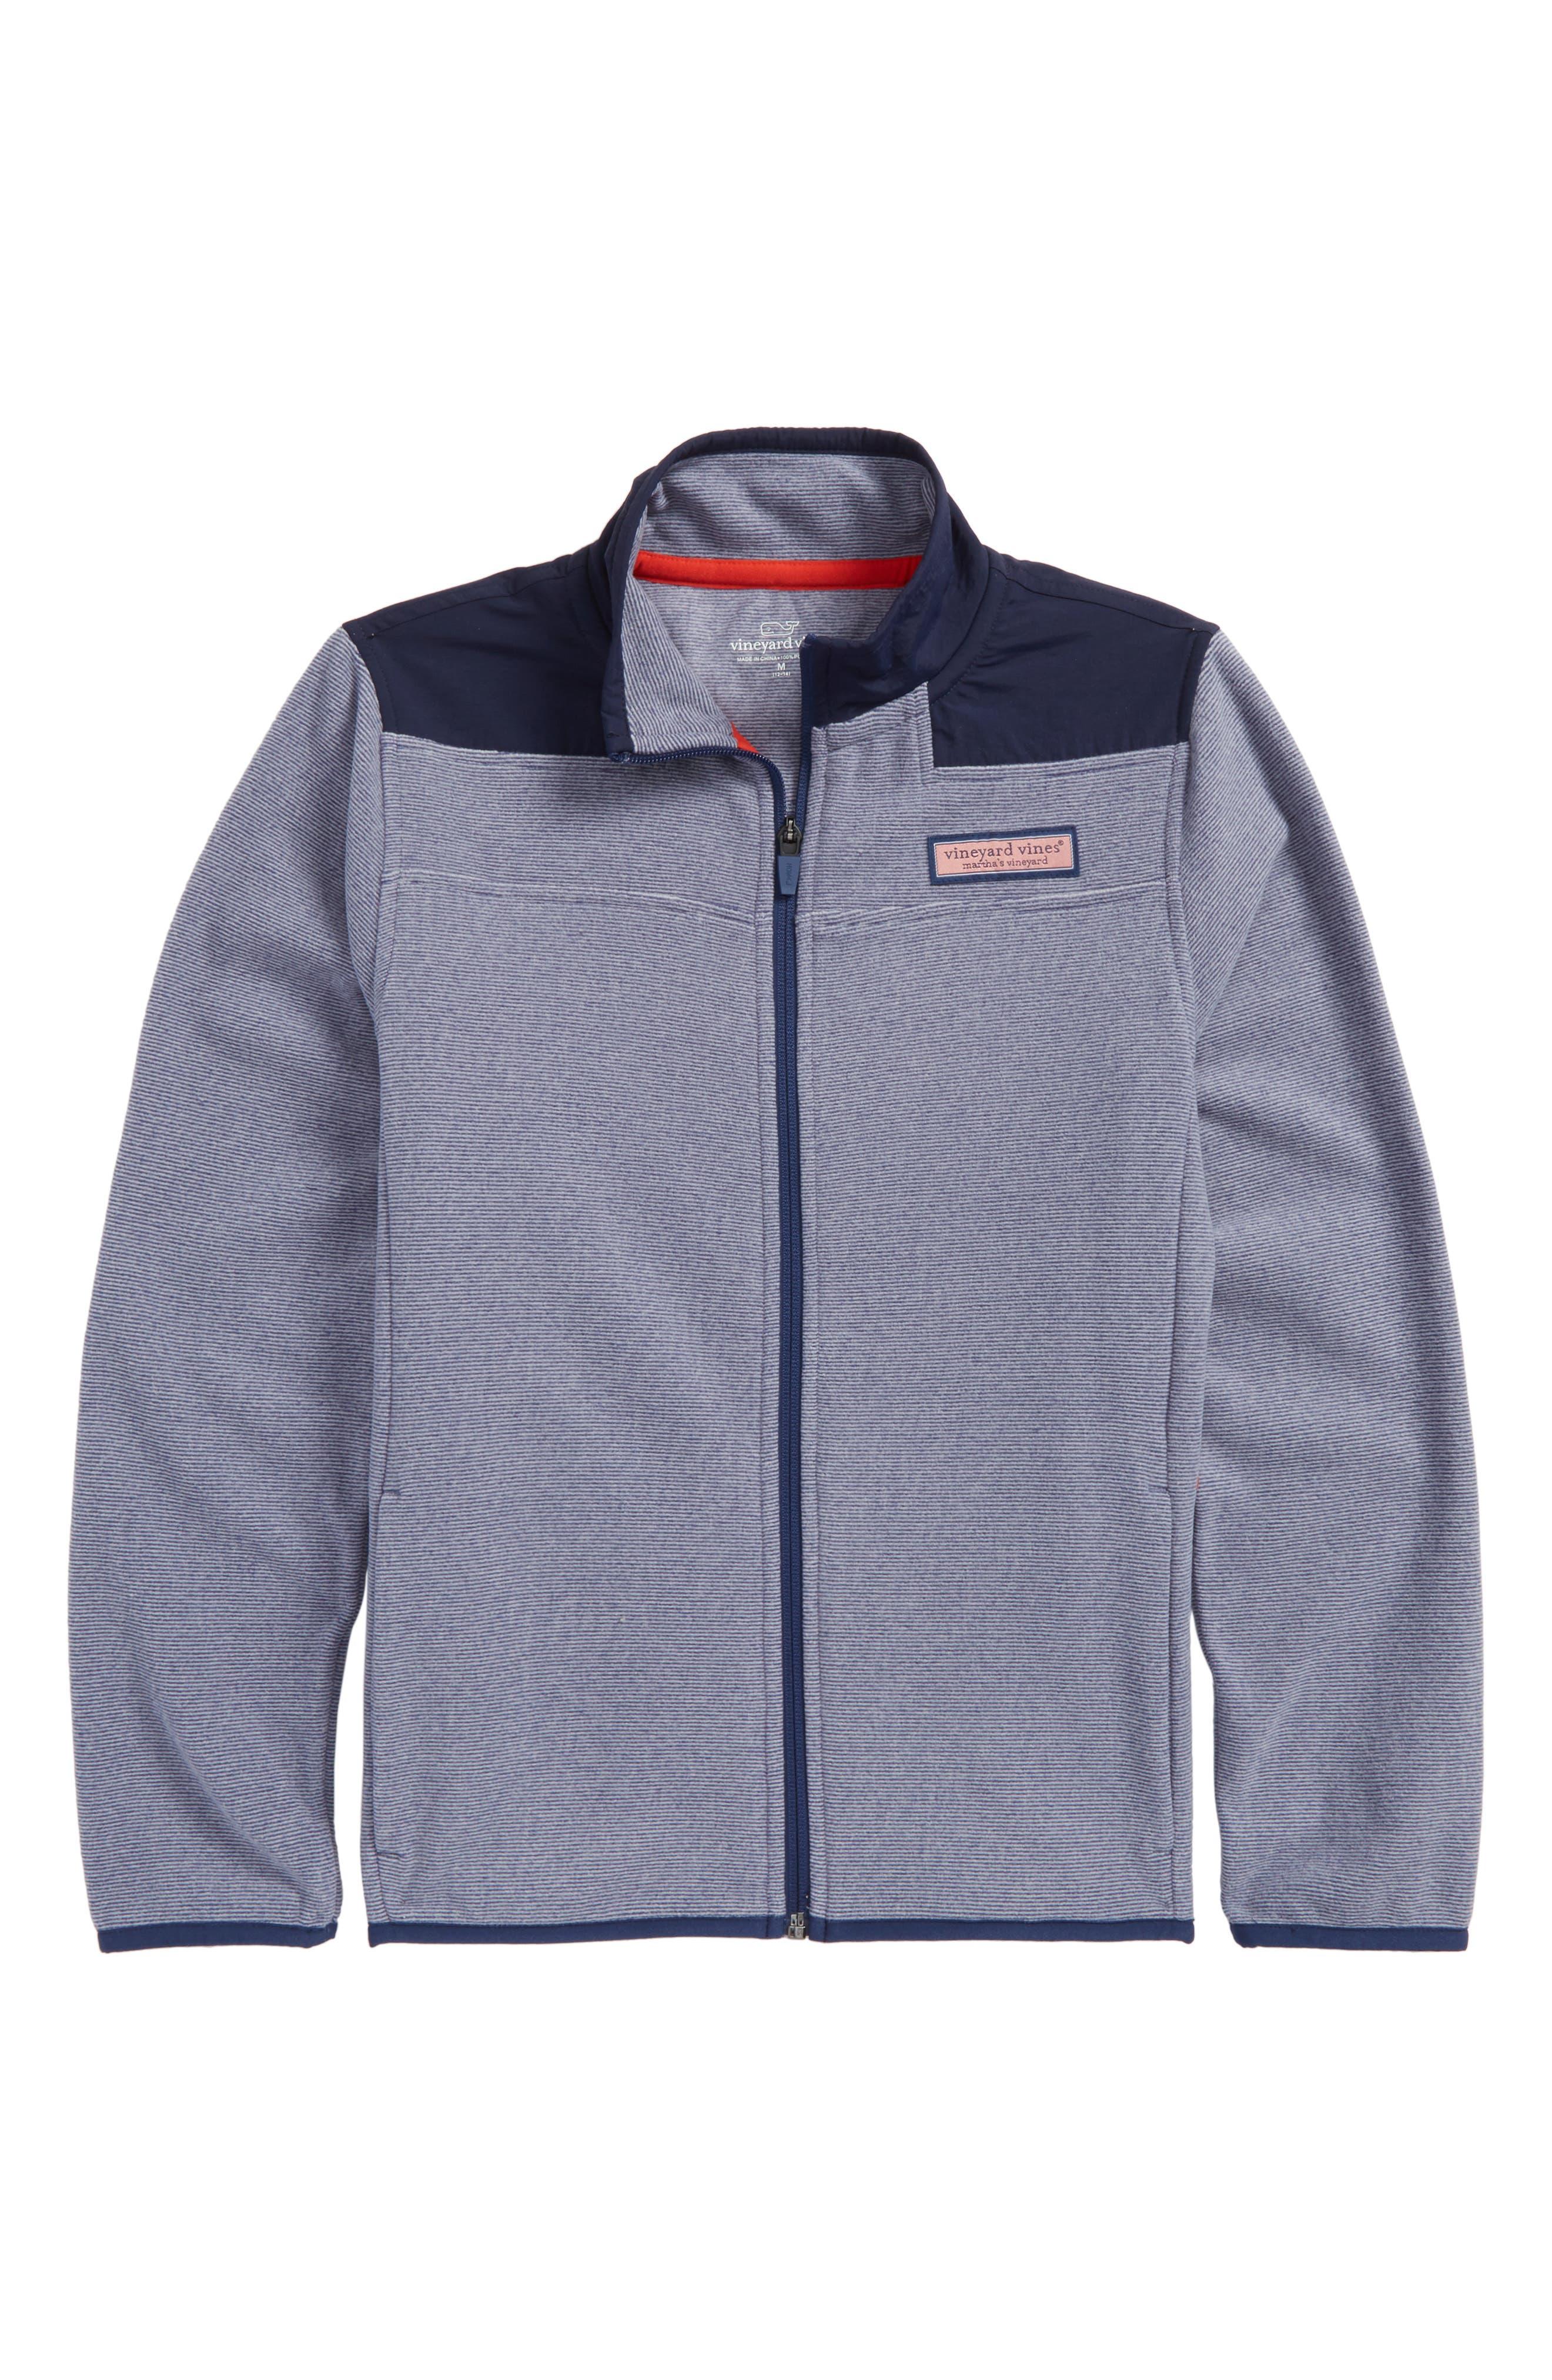 End on End Fleece Jacket,                             Main thumbnail 1, color,                             Deep Bay